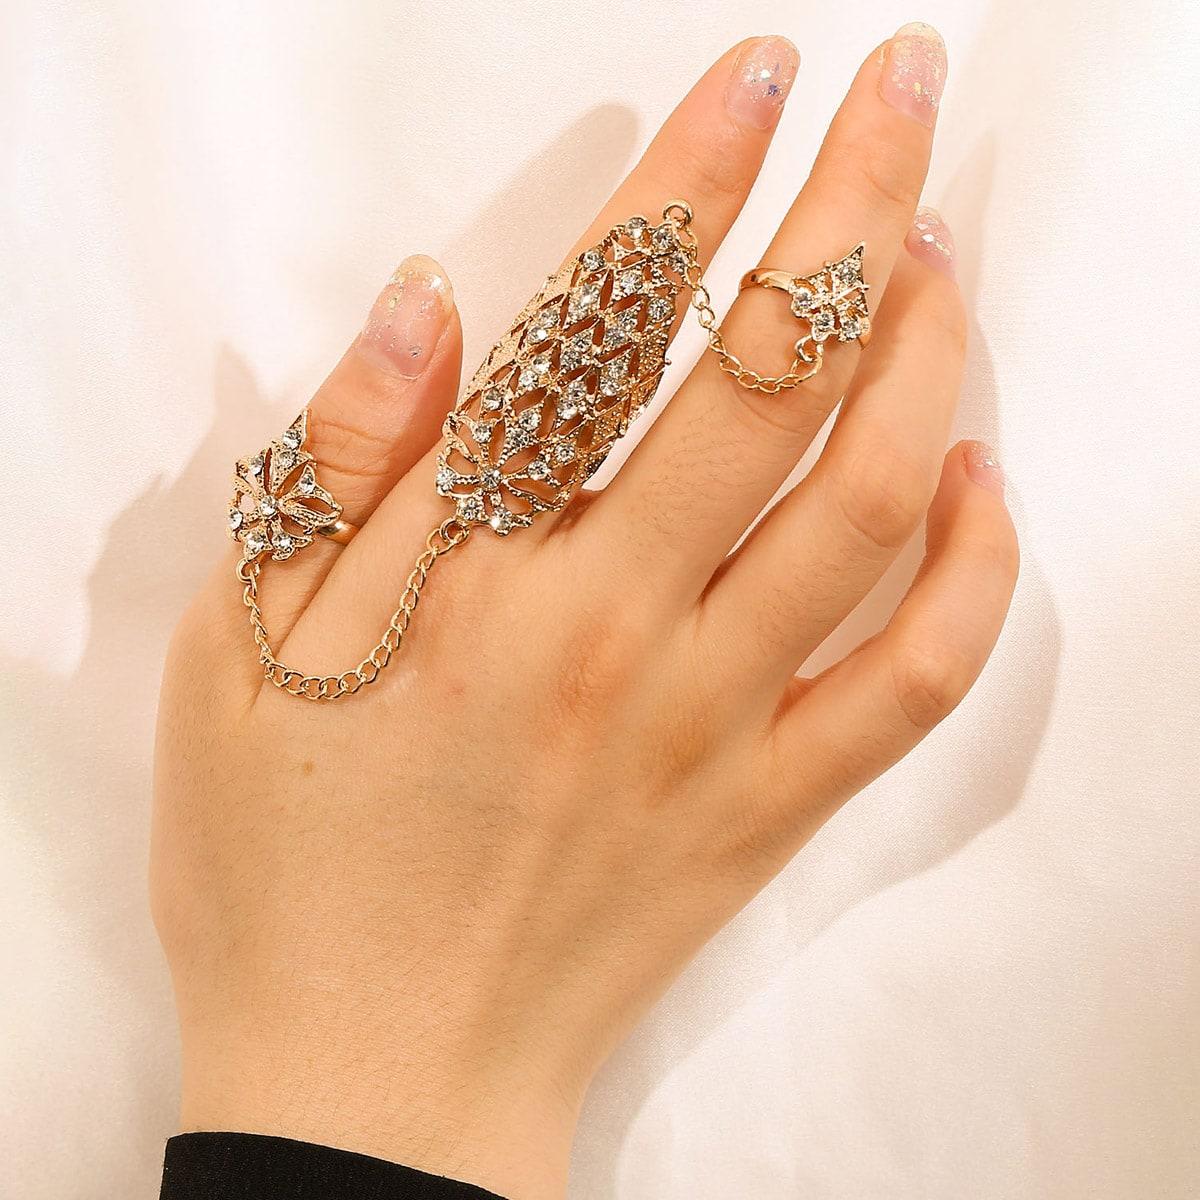 Кольцо со стразами варежки от SHEIN